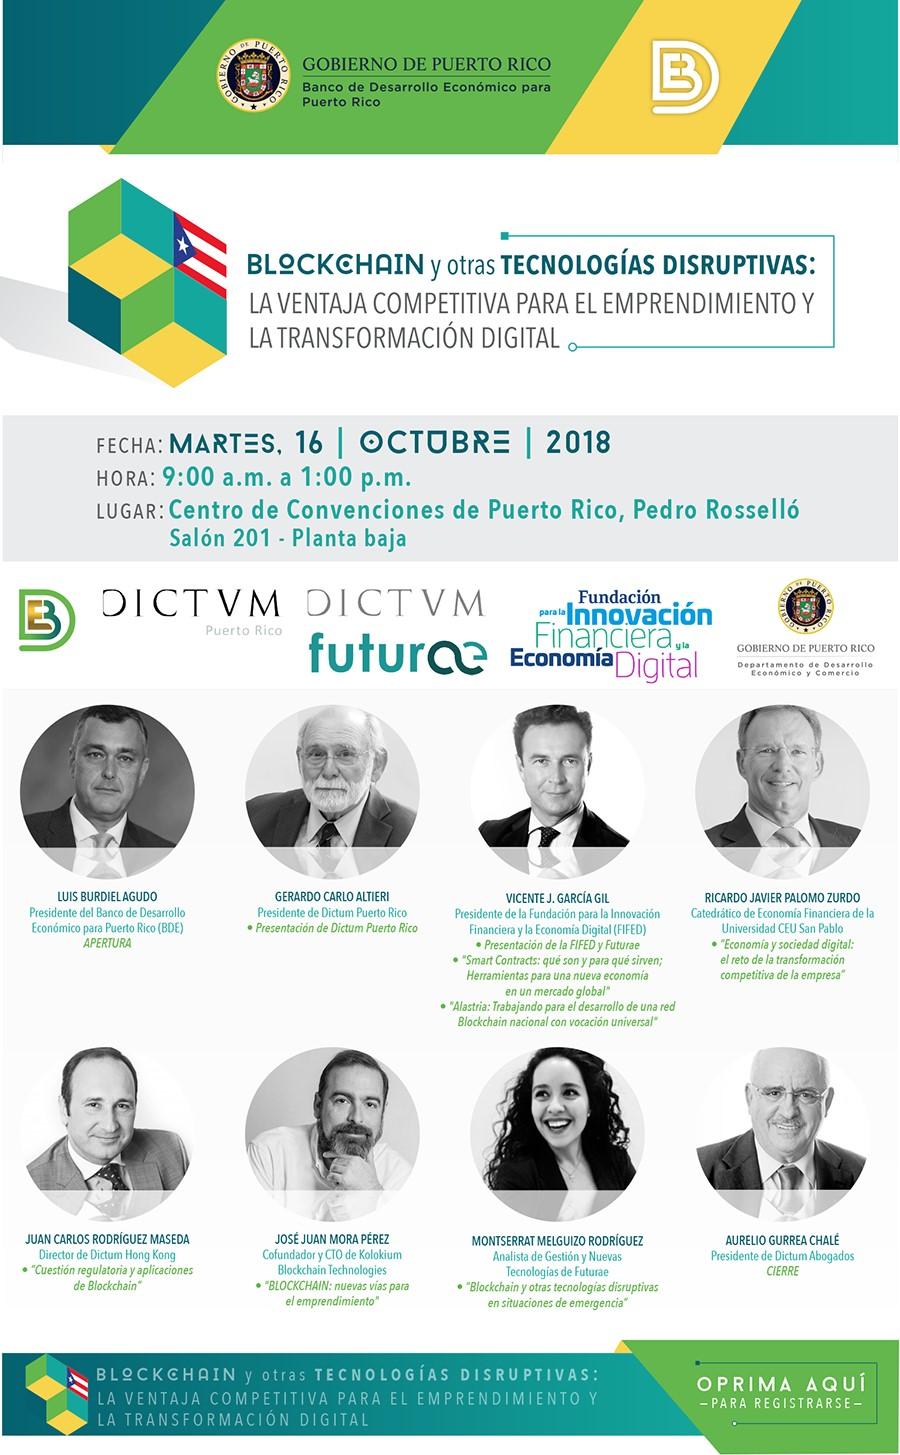 Blockchain y otras tecnologías disruptivas: la ventaja competitiva para el emprendimiento y la transformación digital